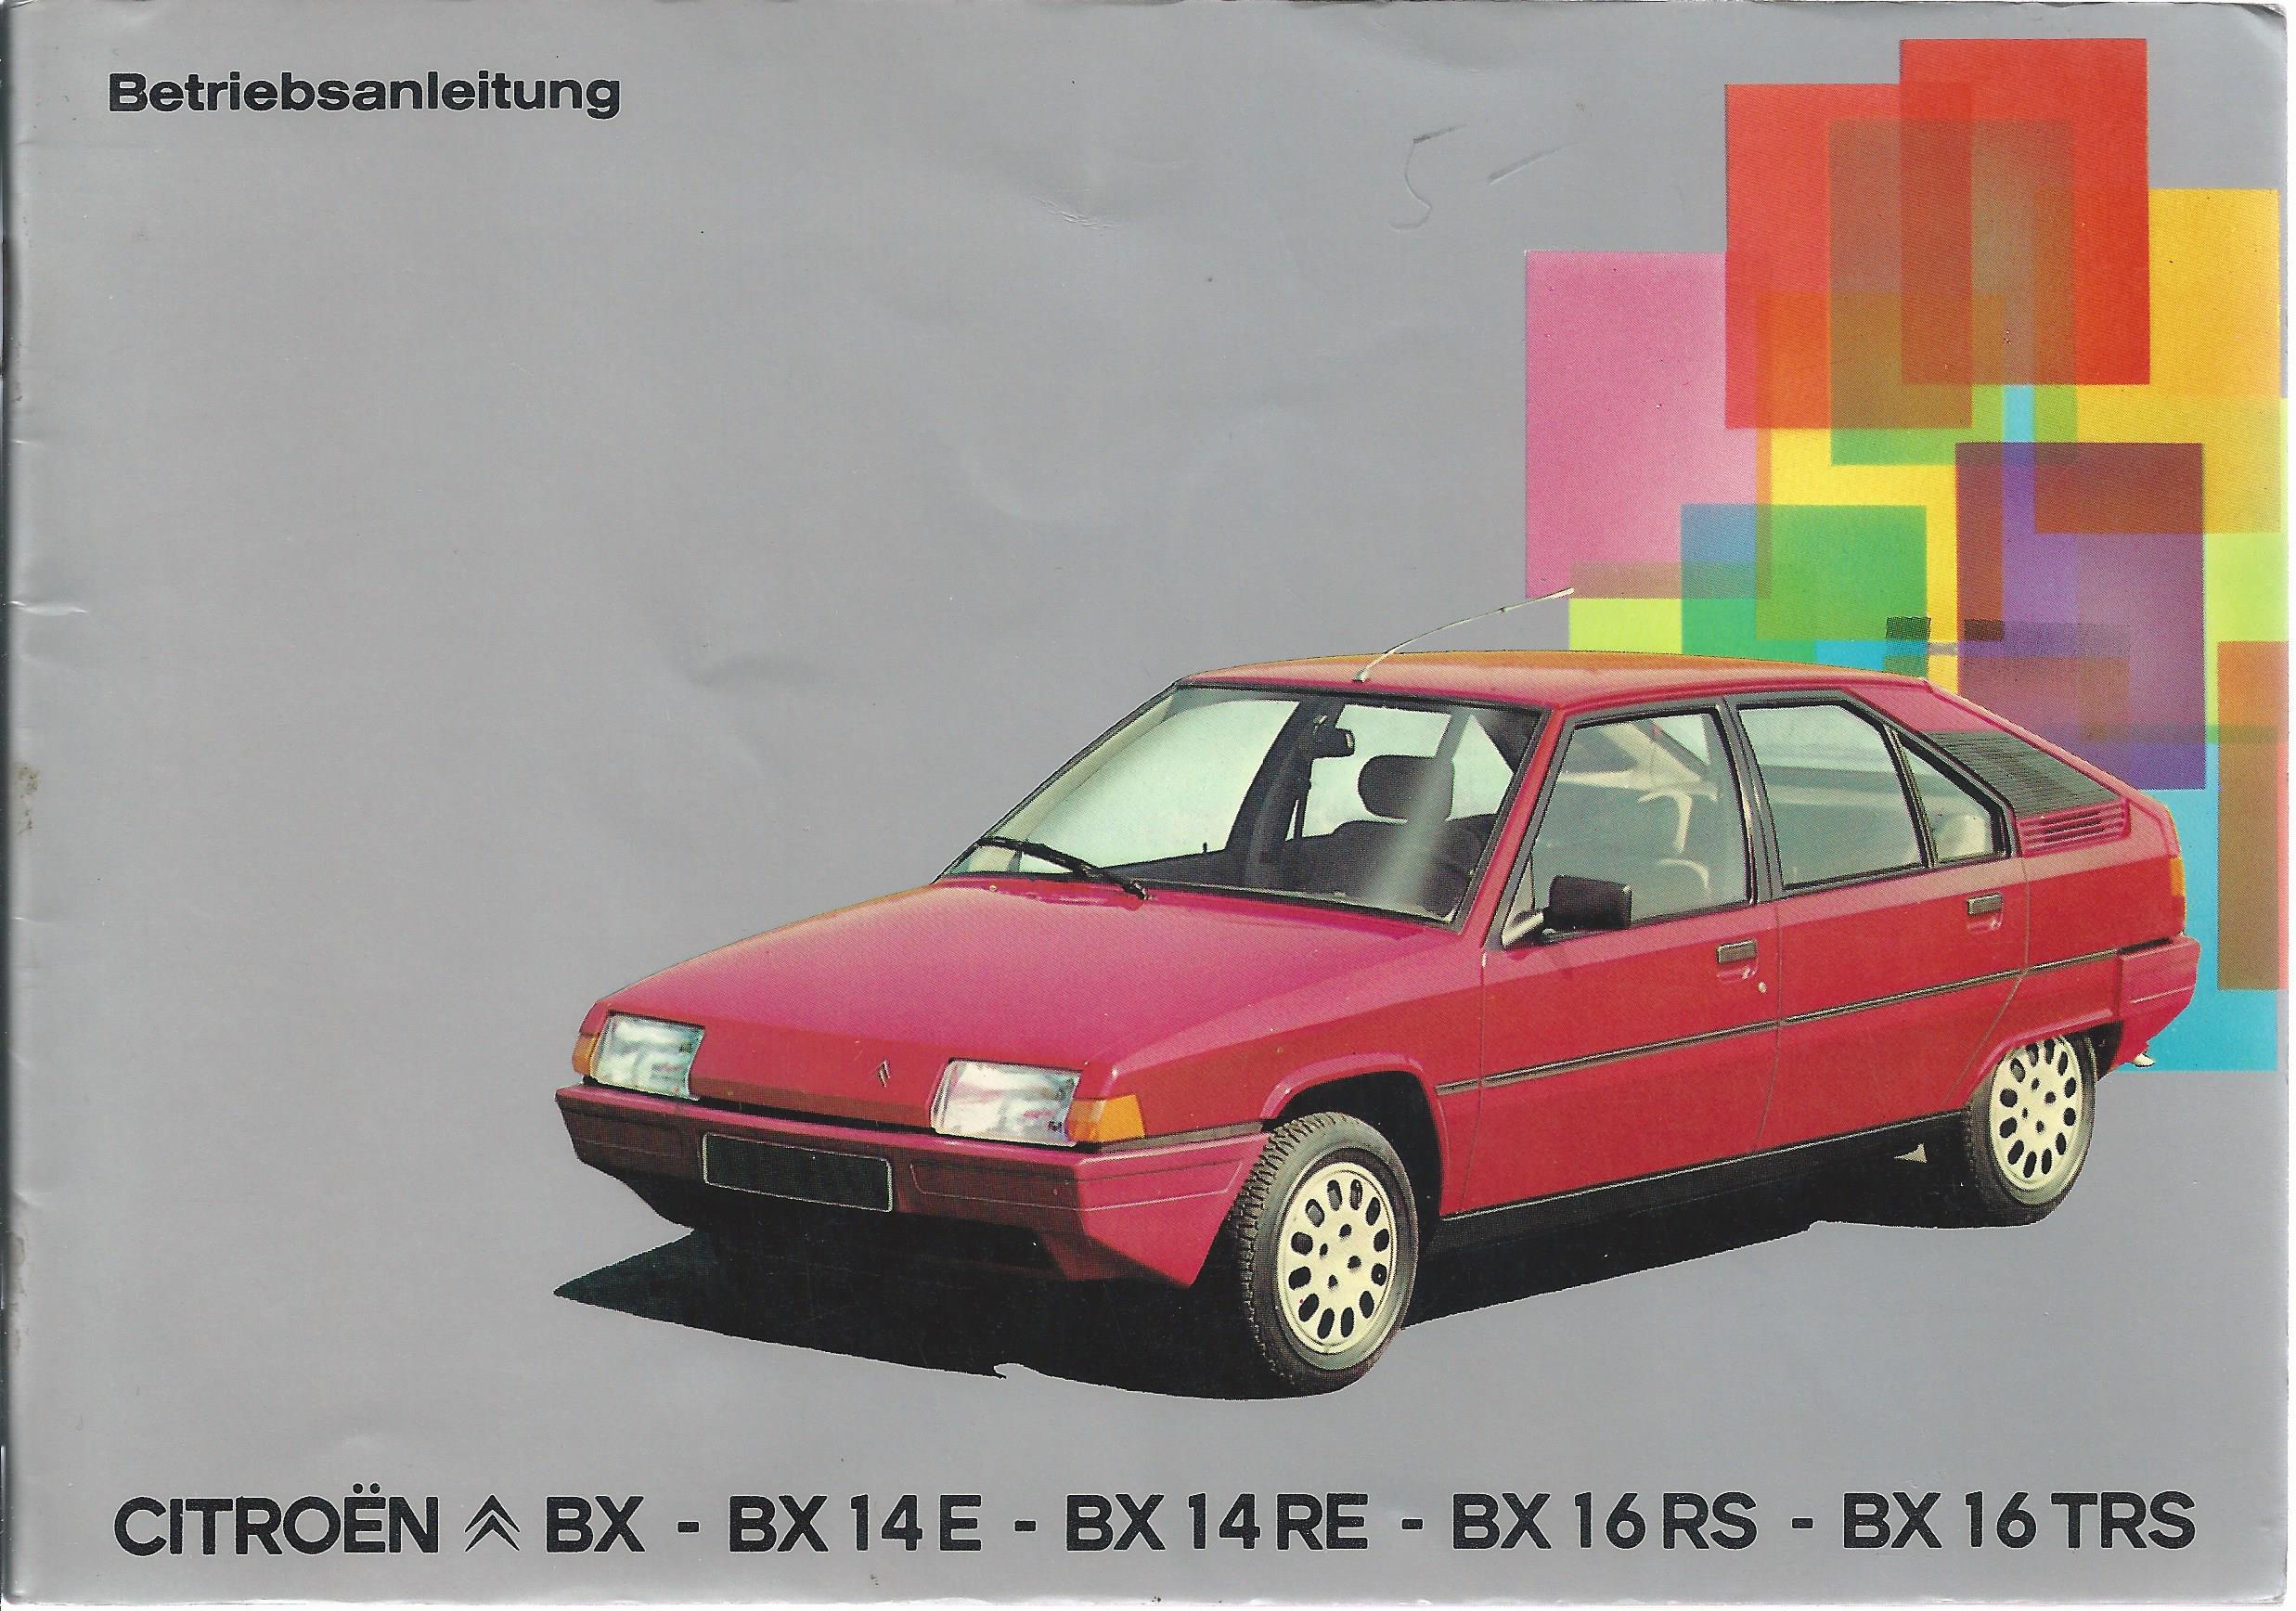 citroen bx bx 14e bx 14re bx 16 rs bx 16 trs betriebsanleitung 1983 handbuch ba ebay. Black Bedroom Furniture Sets. Home Design Ideas